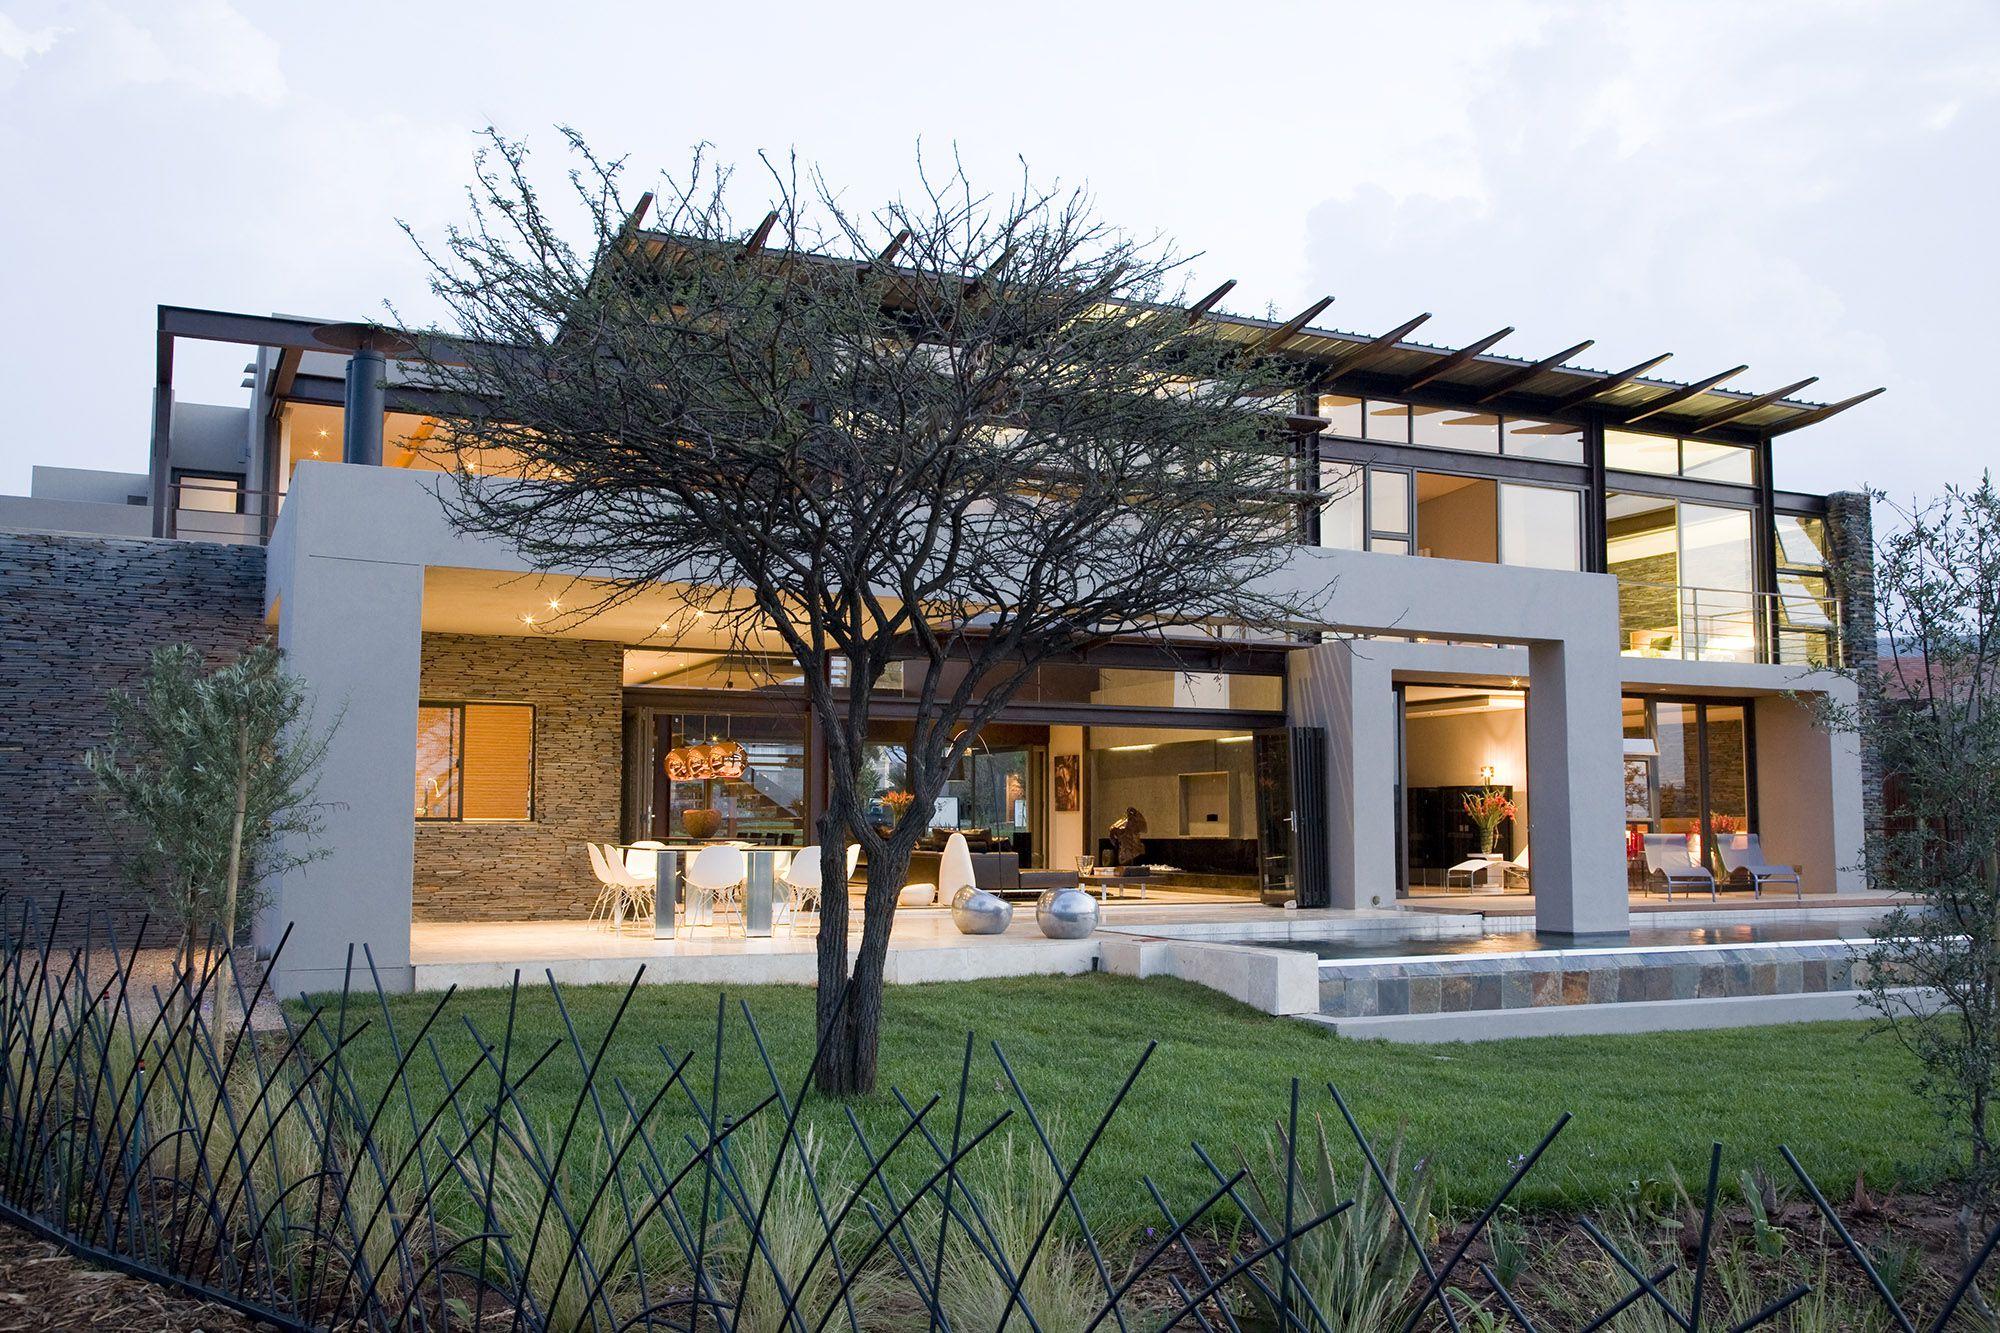 Serengeti Designed by Rudolph van der Meulen 127